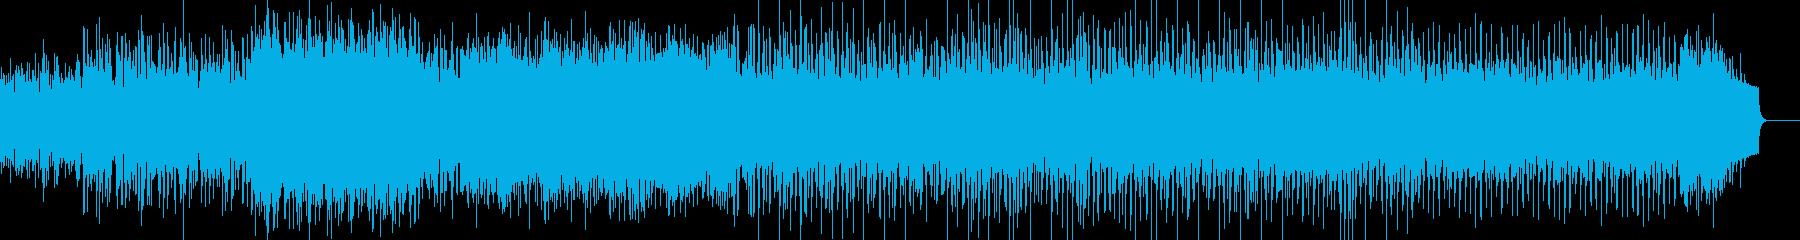 幻想的な曲:木琴 後半から四つ打ちの再生済みの波形